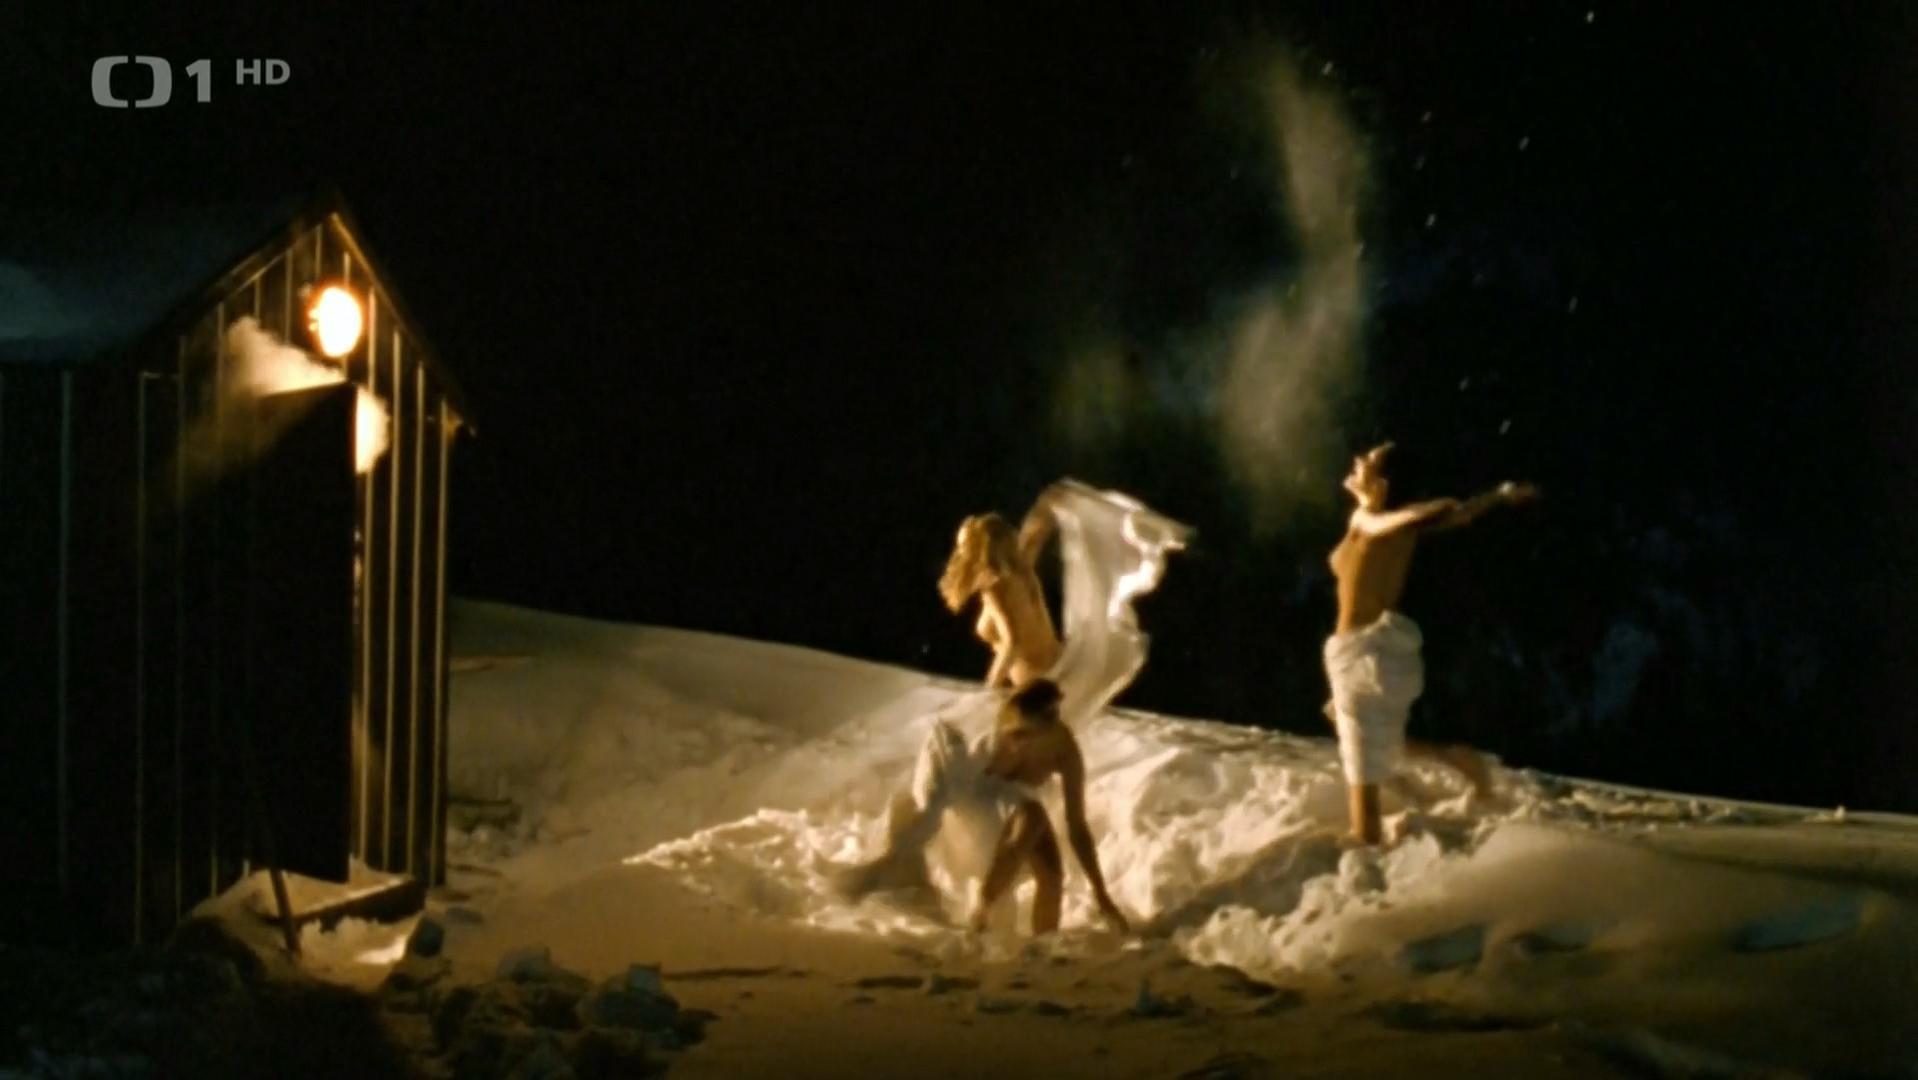 Lucie Vondrackova nude, Barbora Seidlova nude, Martina Klirova nude - Snowboarders (2004)